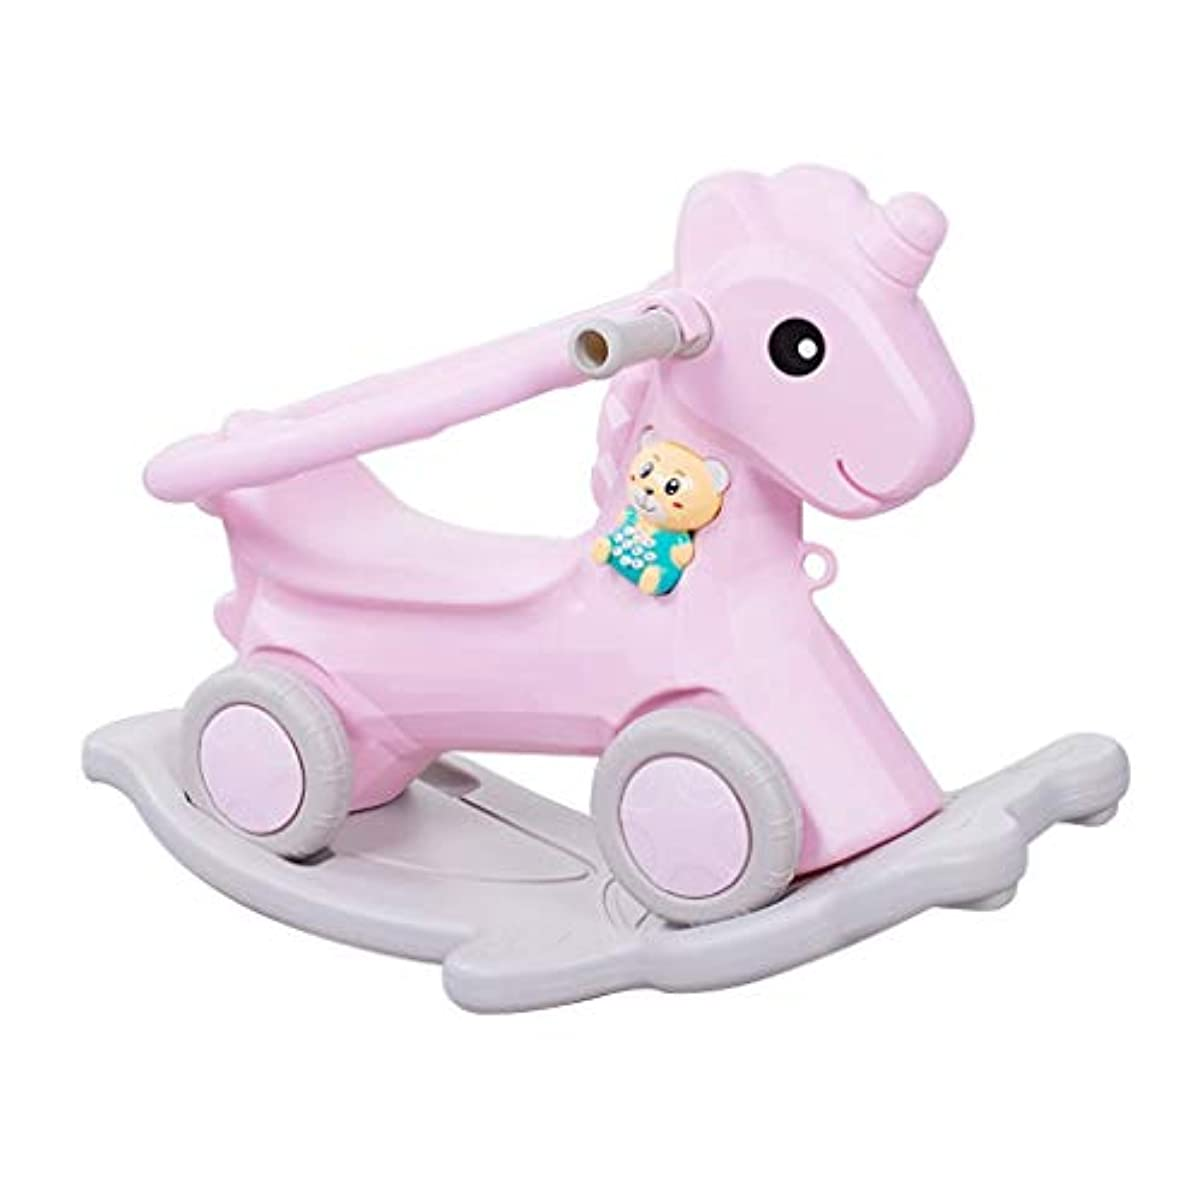 に話す韻強大な揺り木馬子供用トロイの木馬赤ちゃん用プラスチック音楽付き厚みのある赤ちゃんおもちゃロッキングチェアデュアルユース60 * 45cm(色:ピンク)